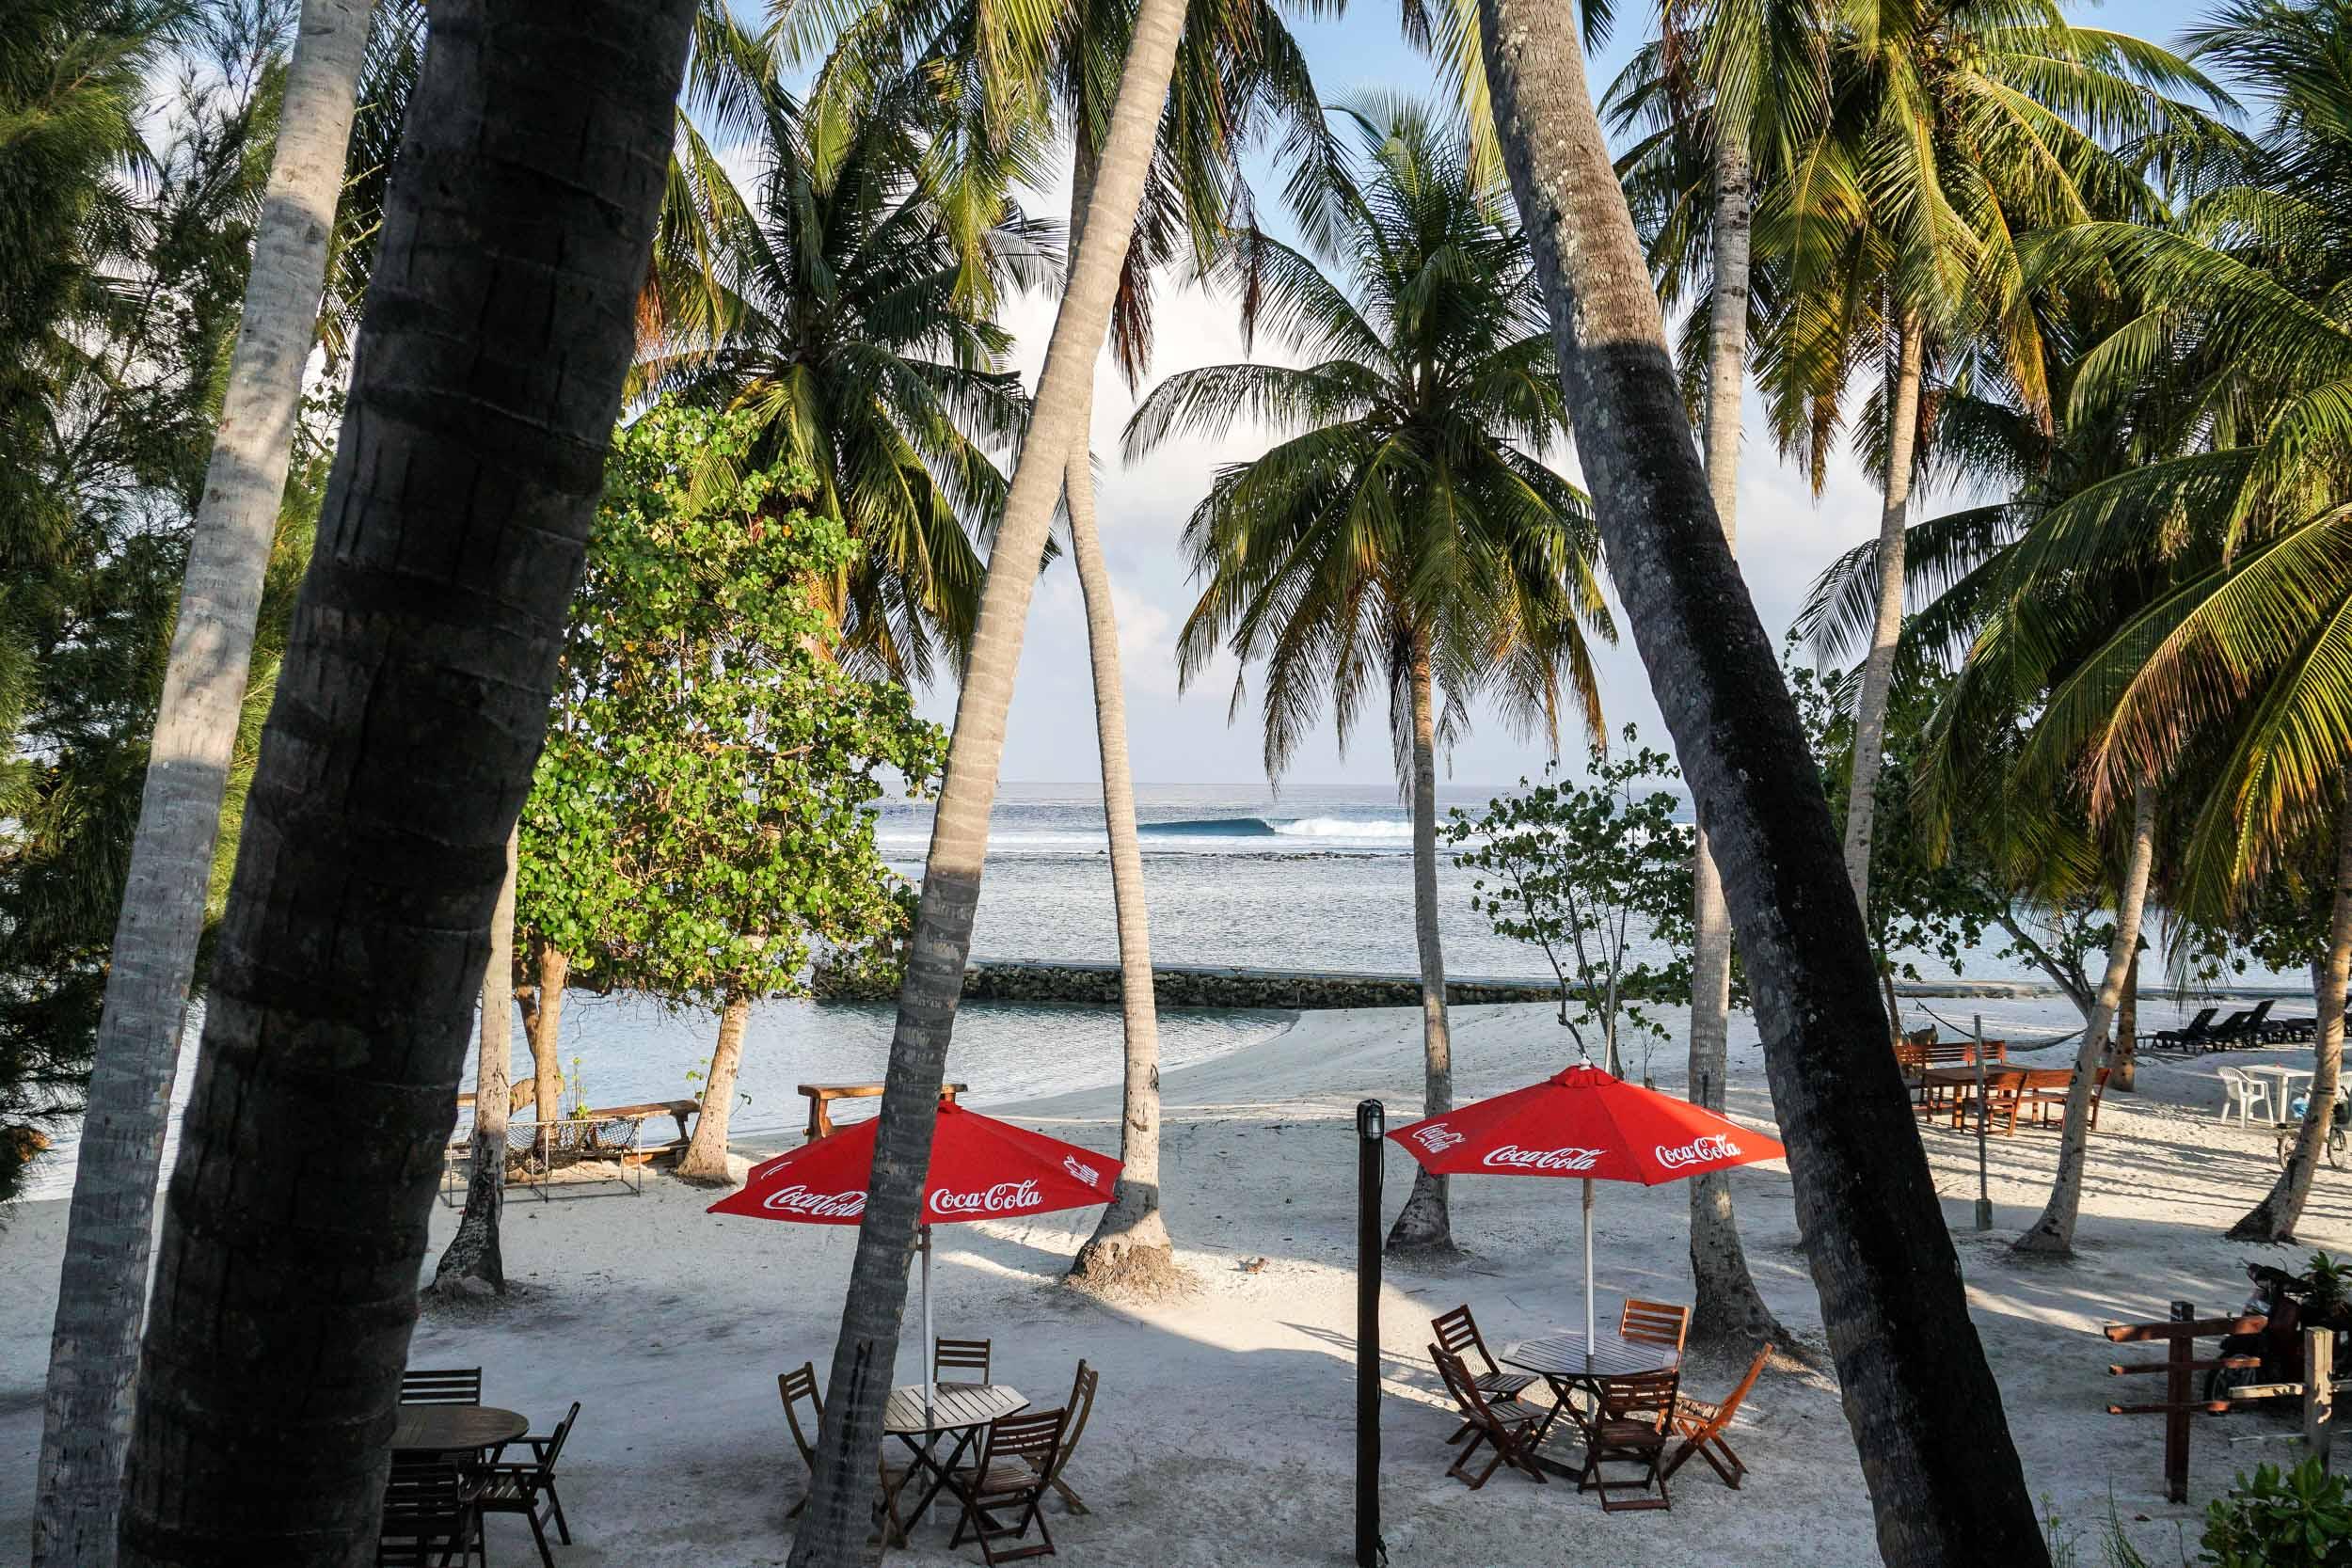 GirlsSurfingExperienceMALDIVAS-08510.jpg